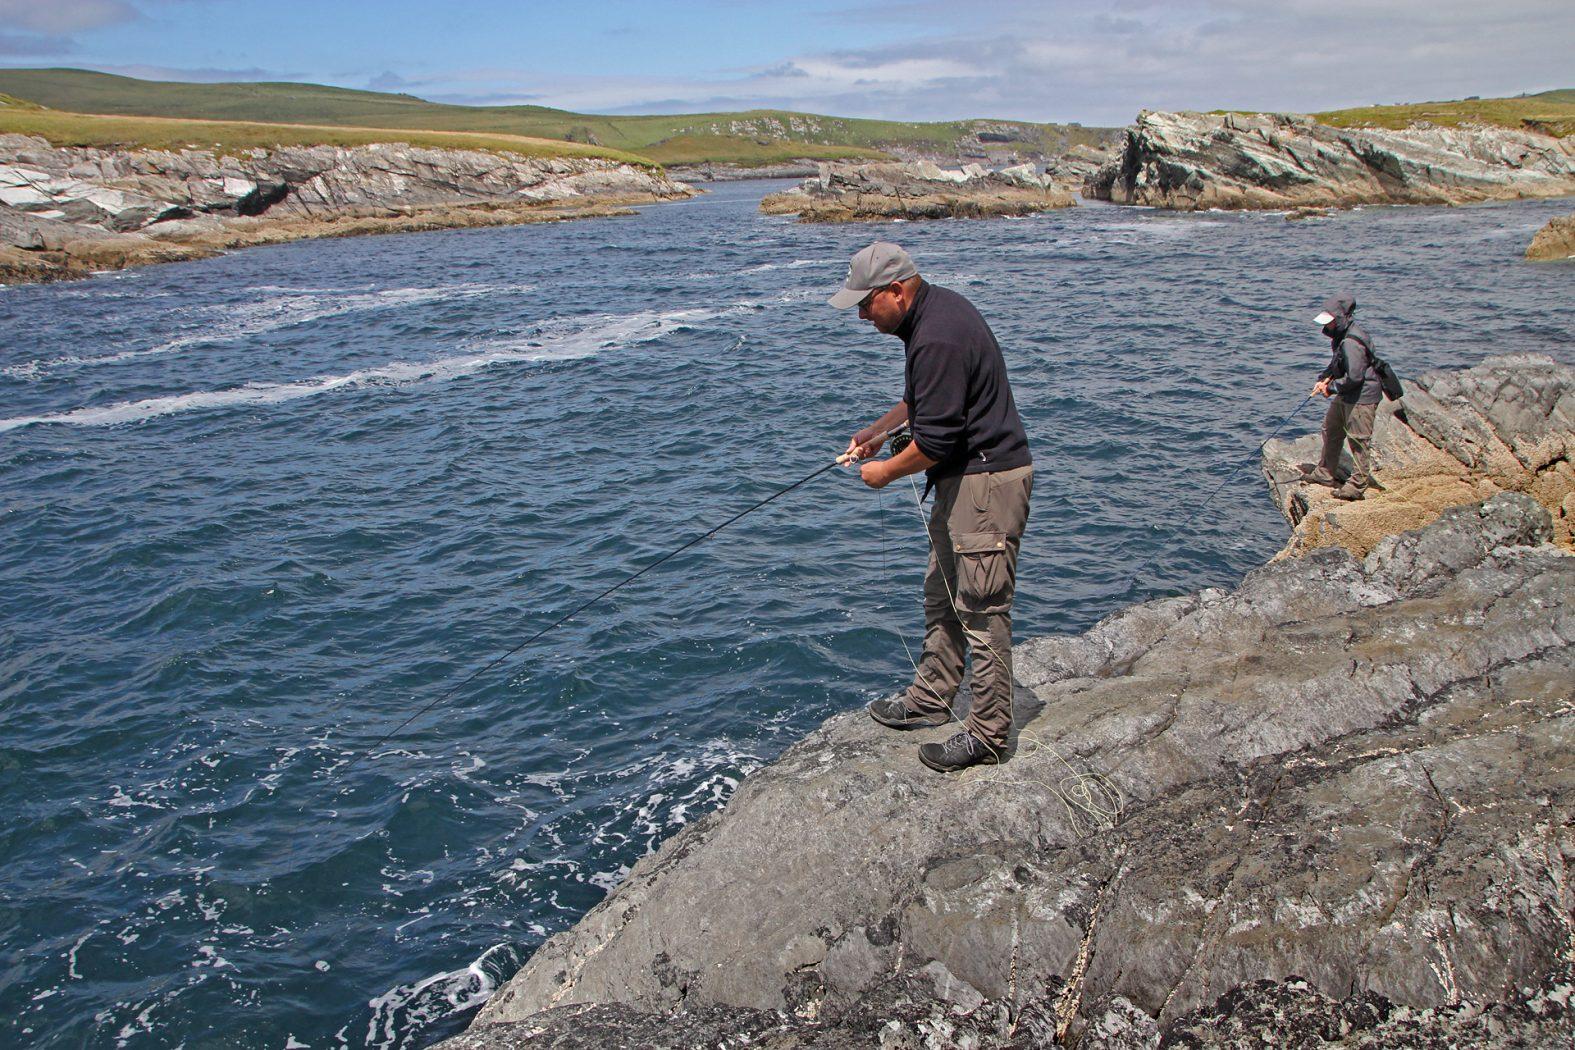 Fliegenfischen vom Ufer auf Pollack